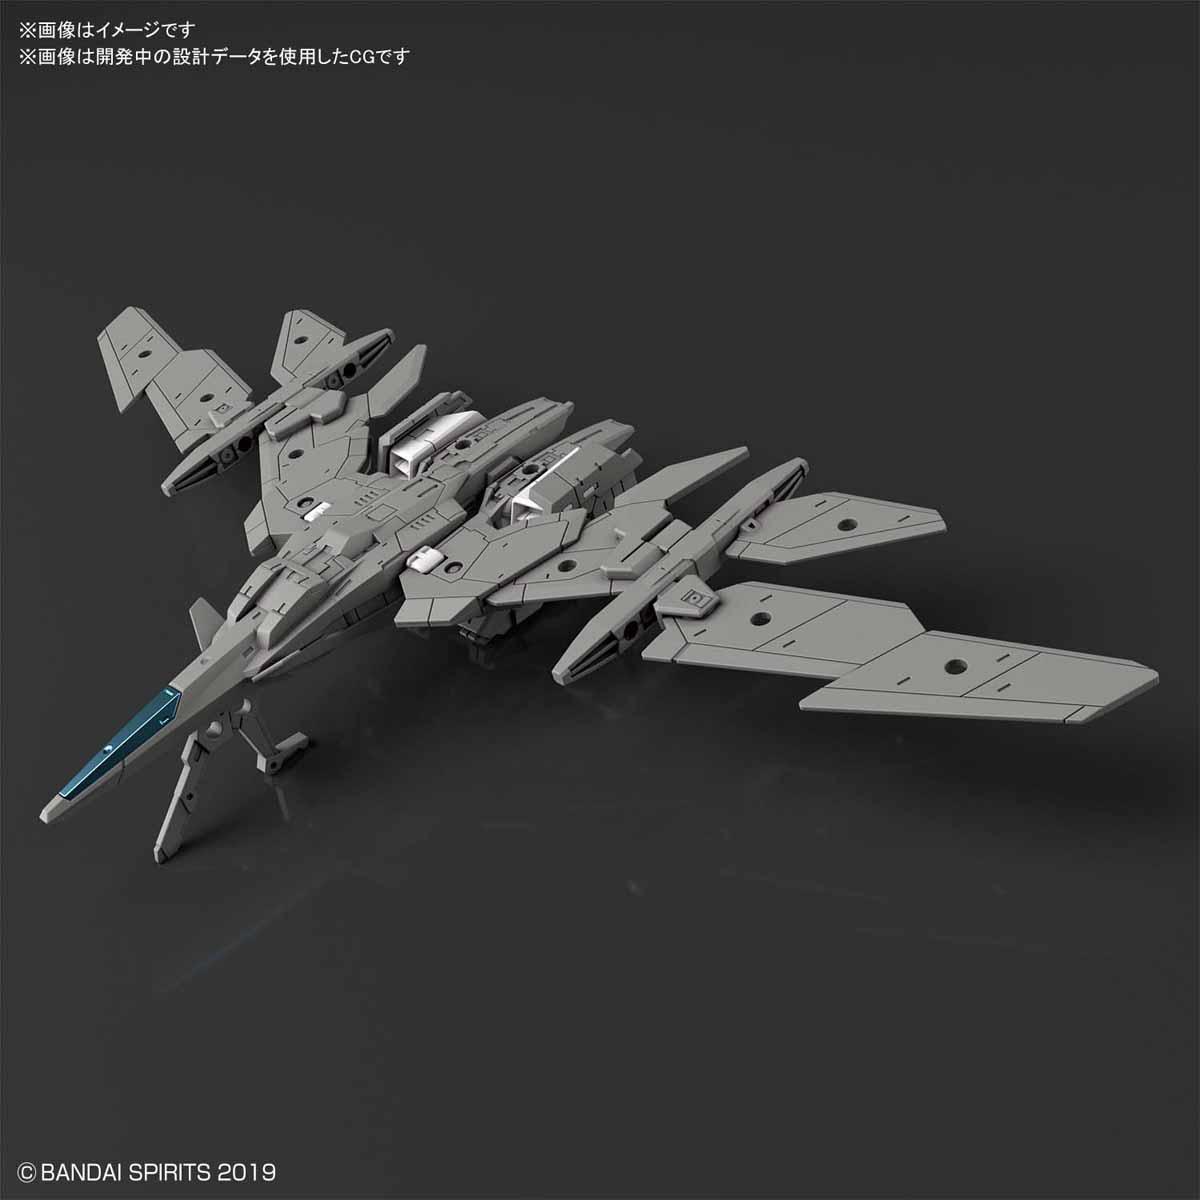 30MM 1/144 擴充武裝機具 (飛行戰機Ver.)[灰色]